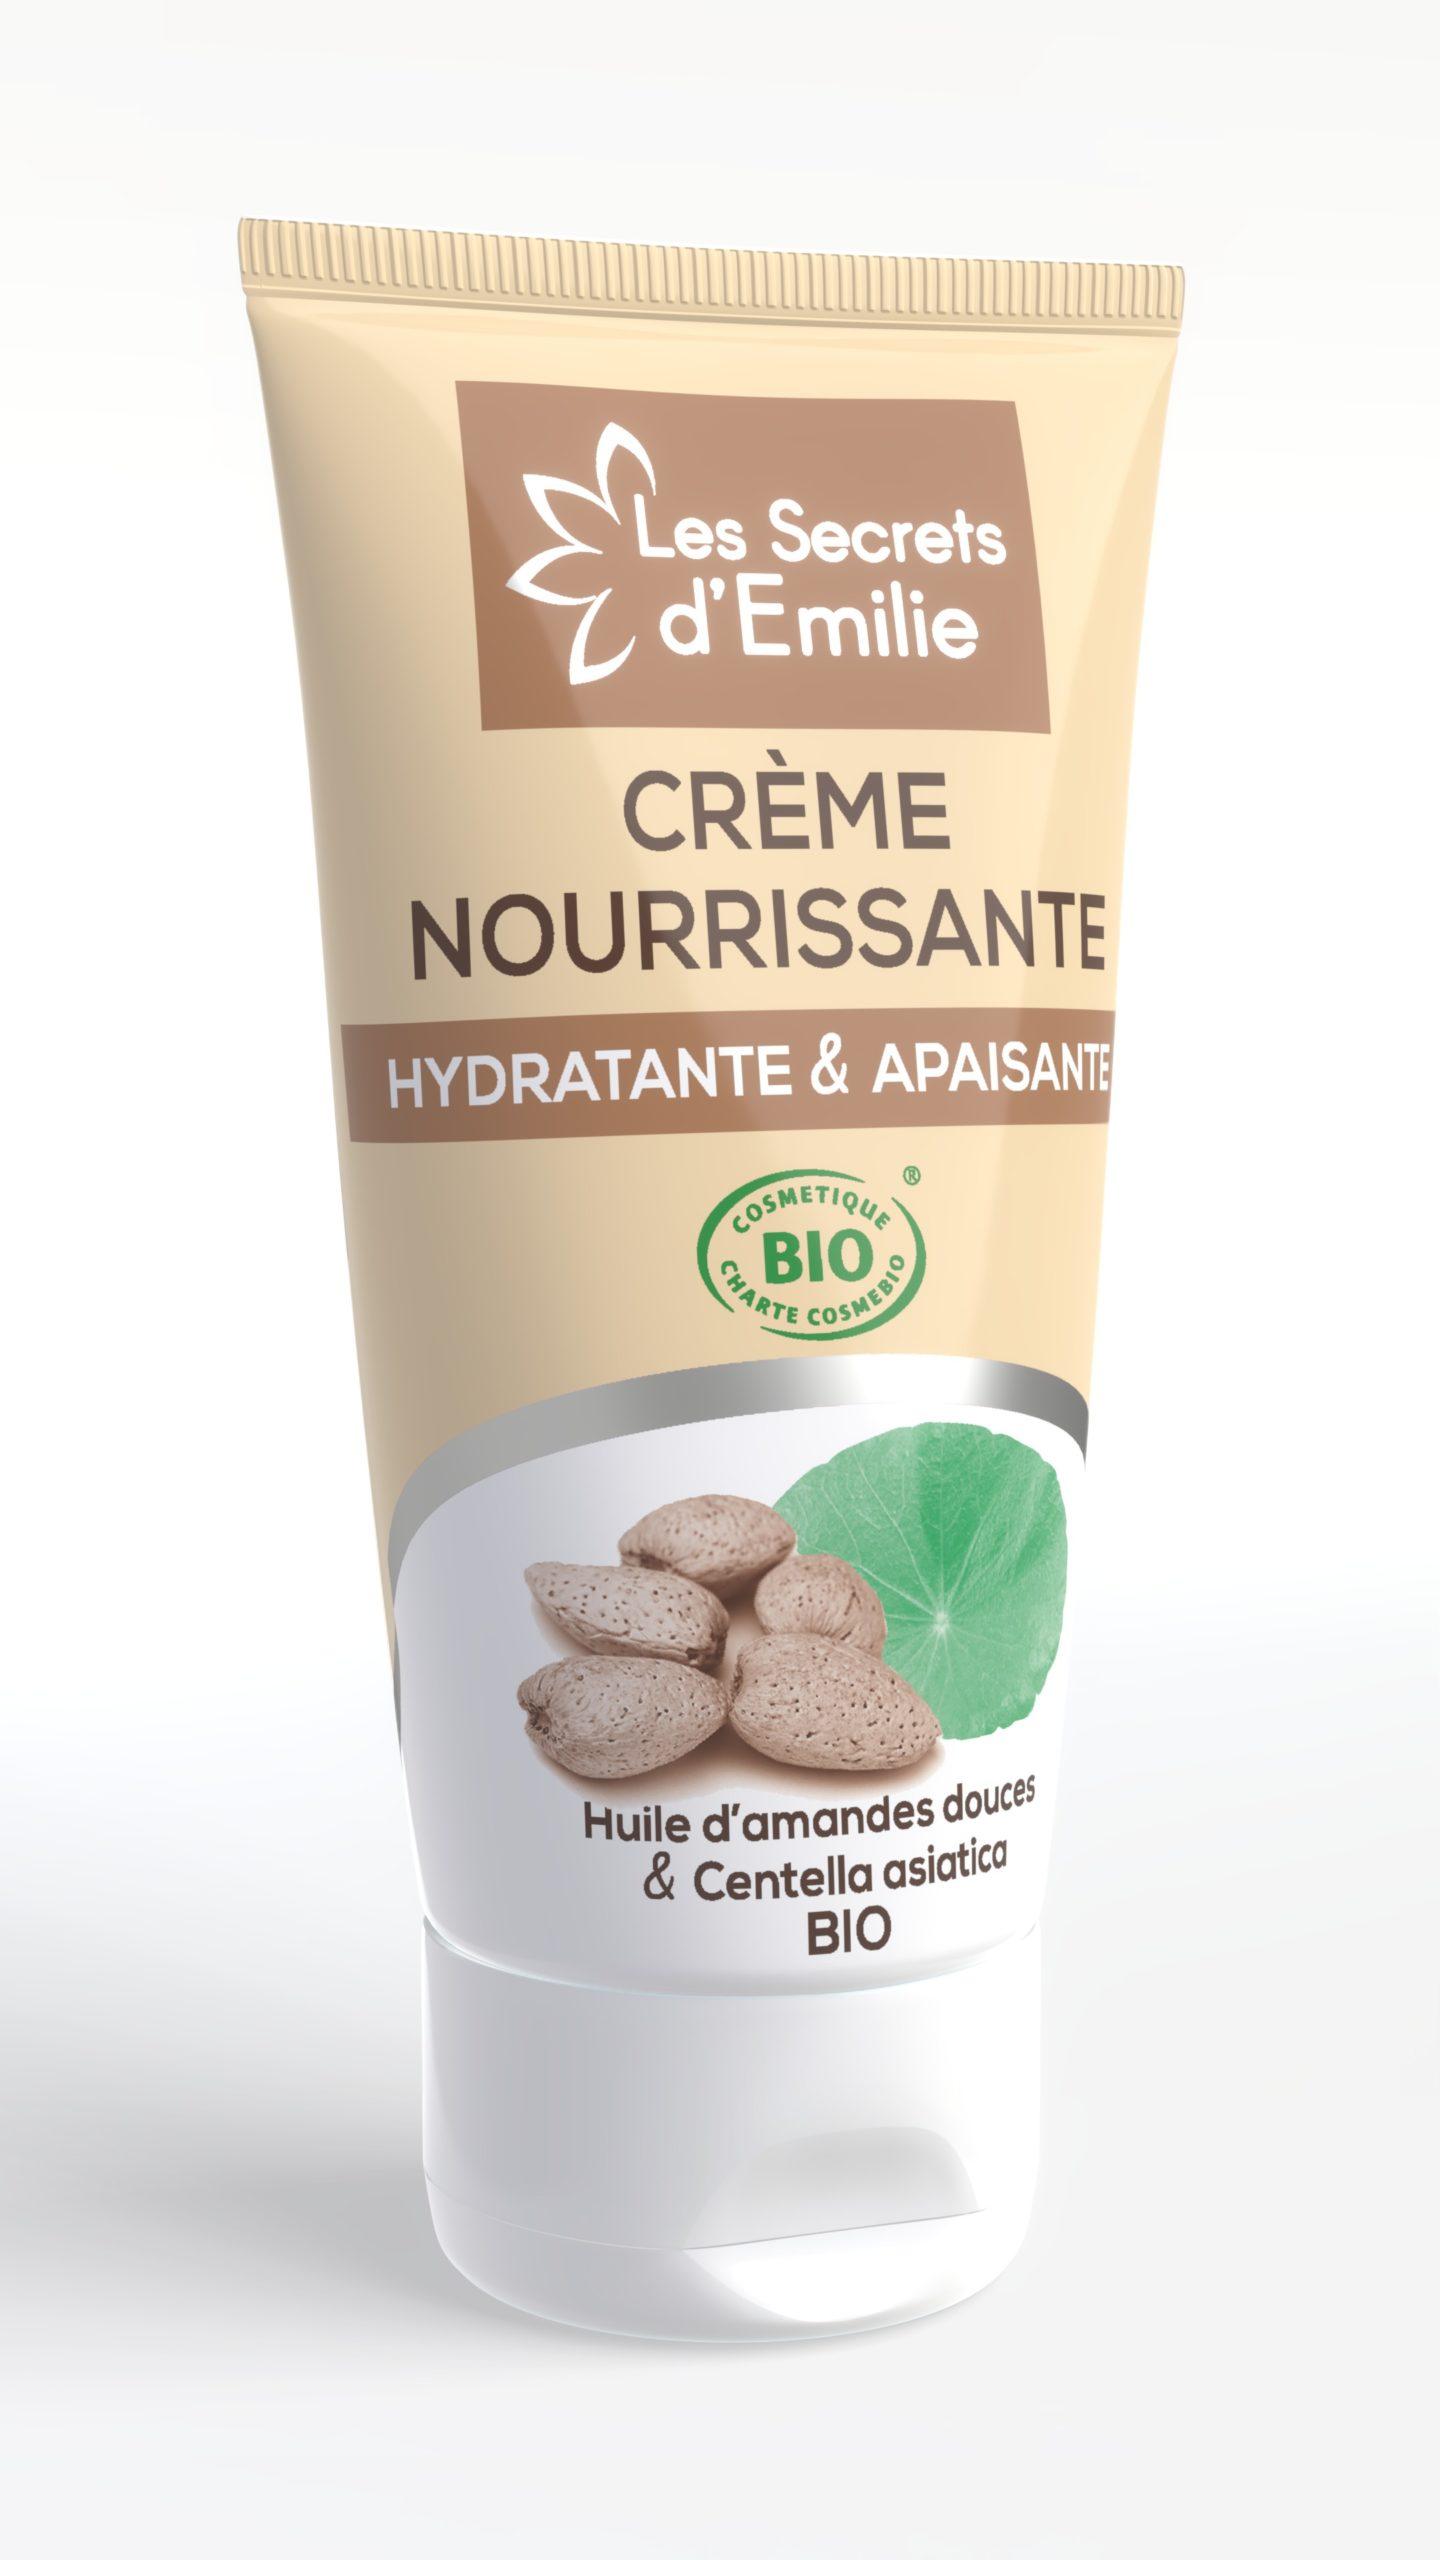 Crème Nourrissante